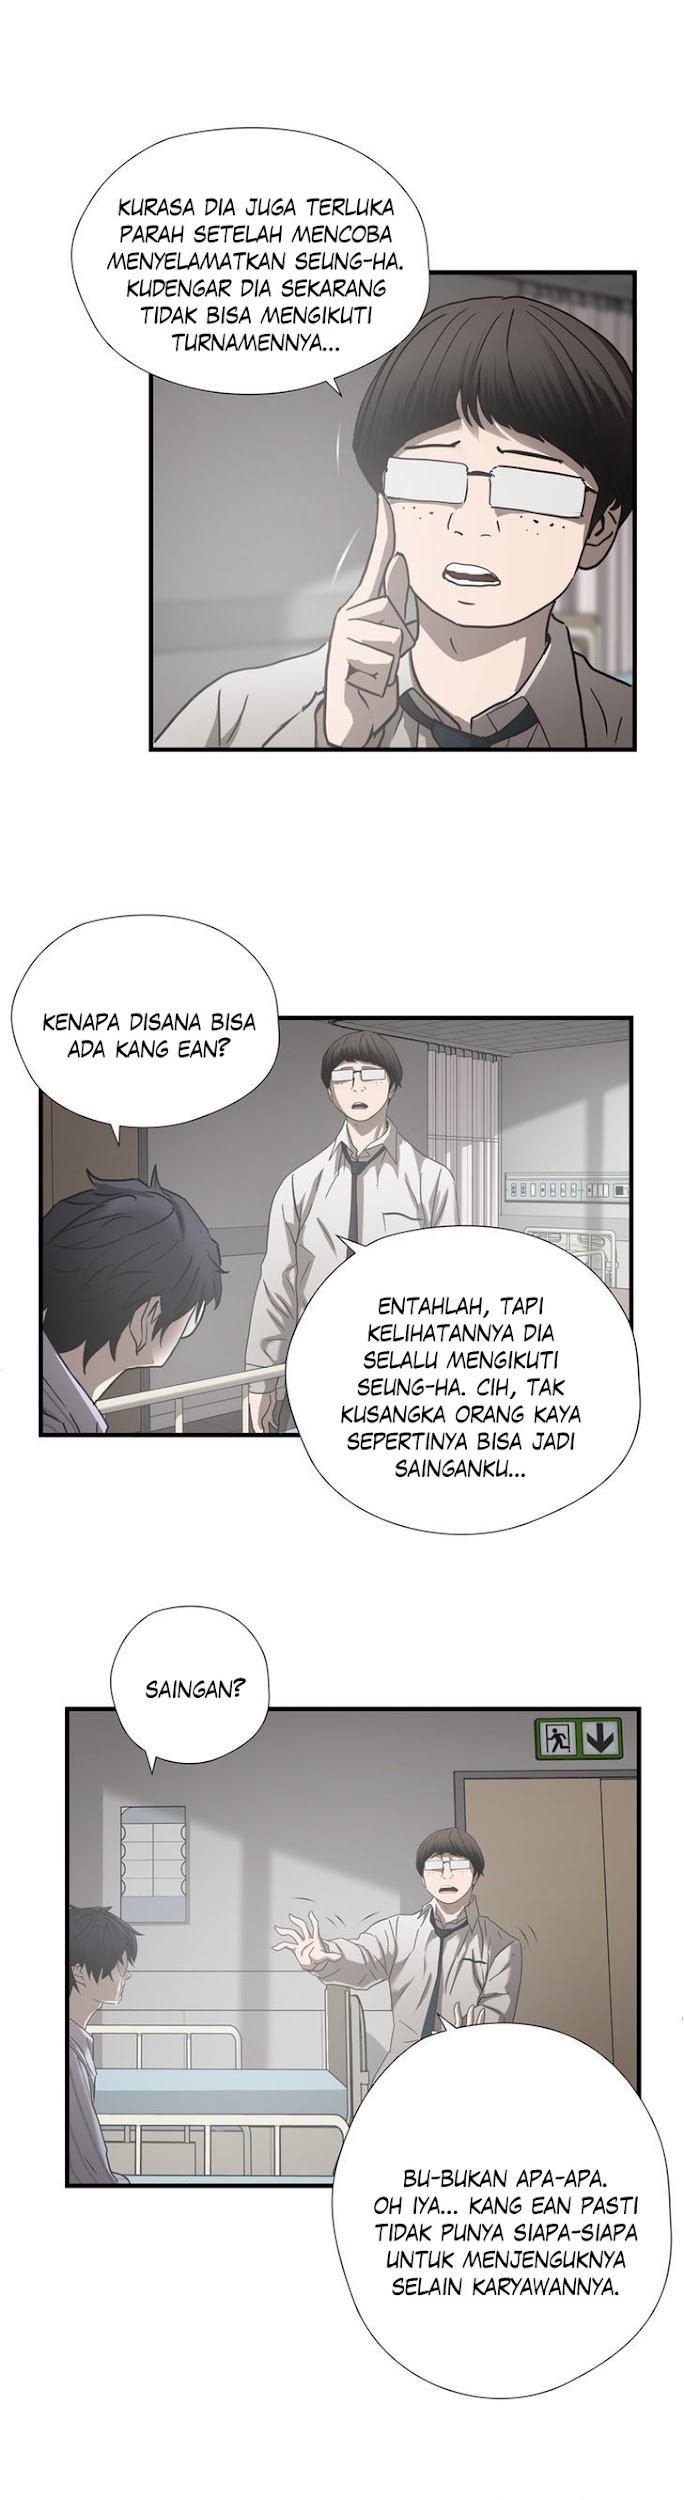 Dilarang COPAS - situs resmi www.mangacanblog.com - Komik greatest outcast 040 - chapter 40 41 Indonesia greatest outcast 040 - chapter 40 Terbaru 26|Baca Manga Komik Indonesia|Mangacan